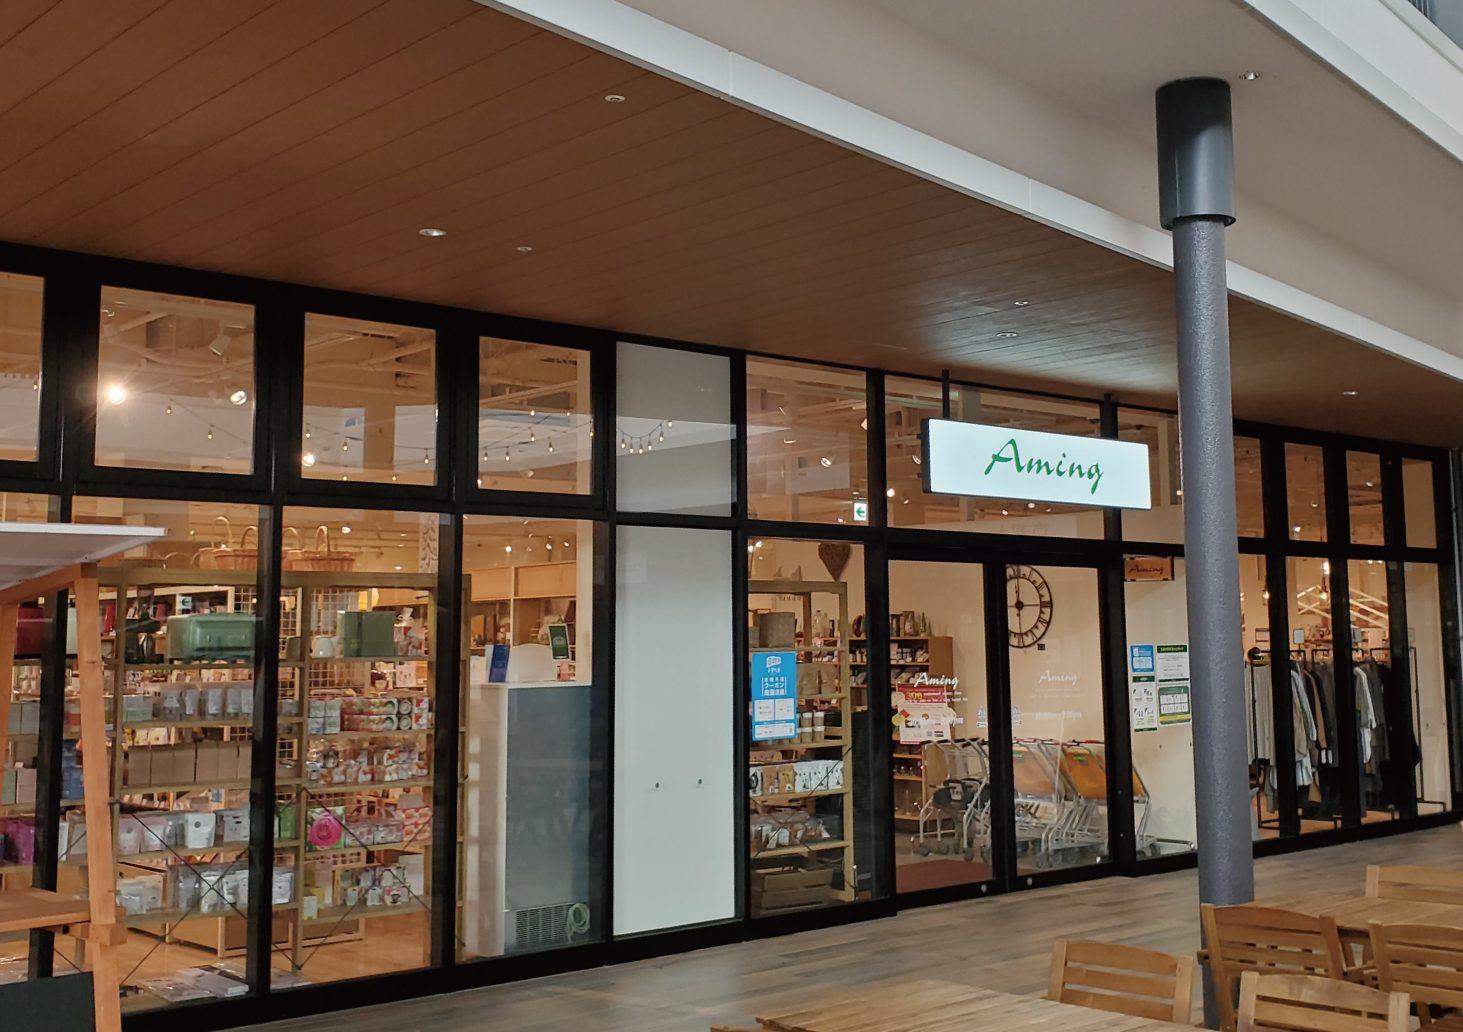 アミング松井山手店 | ナチュラル雑貨・ギフト|Aming(アミング ...